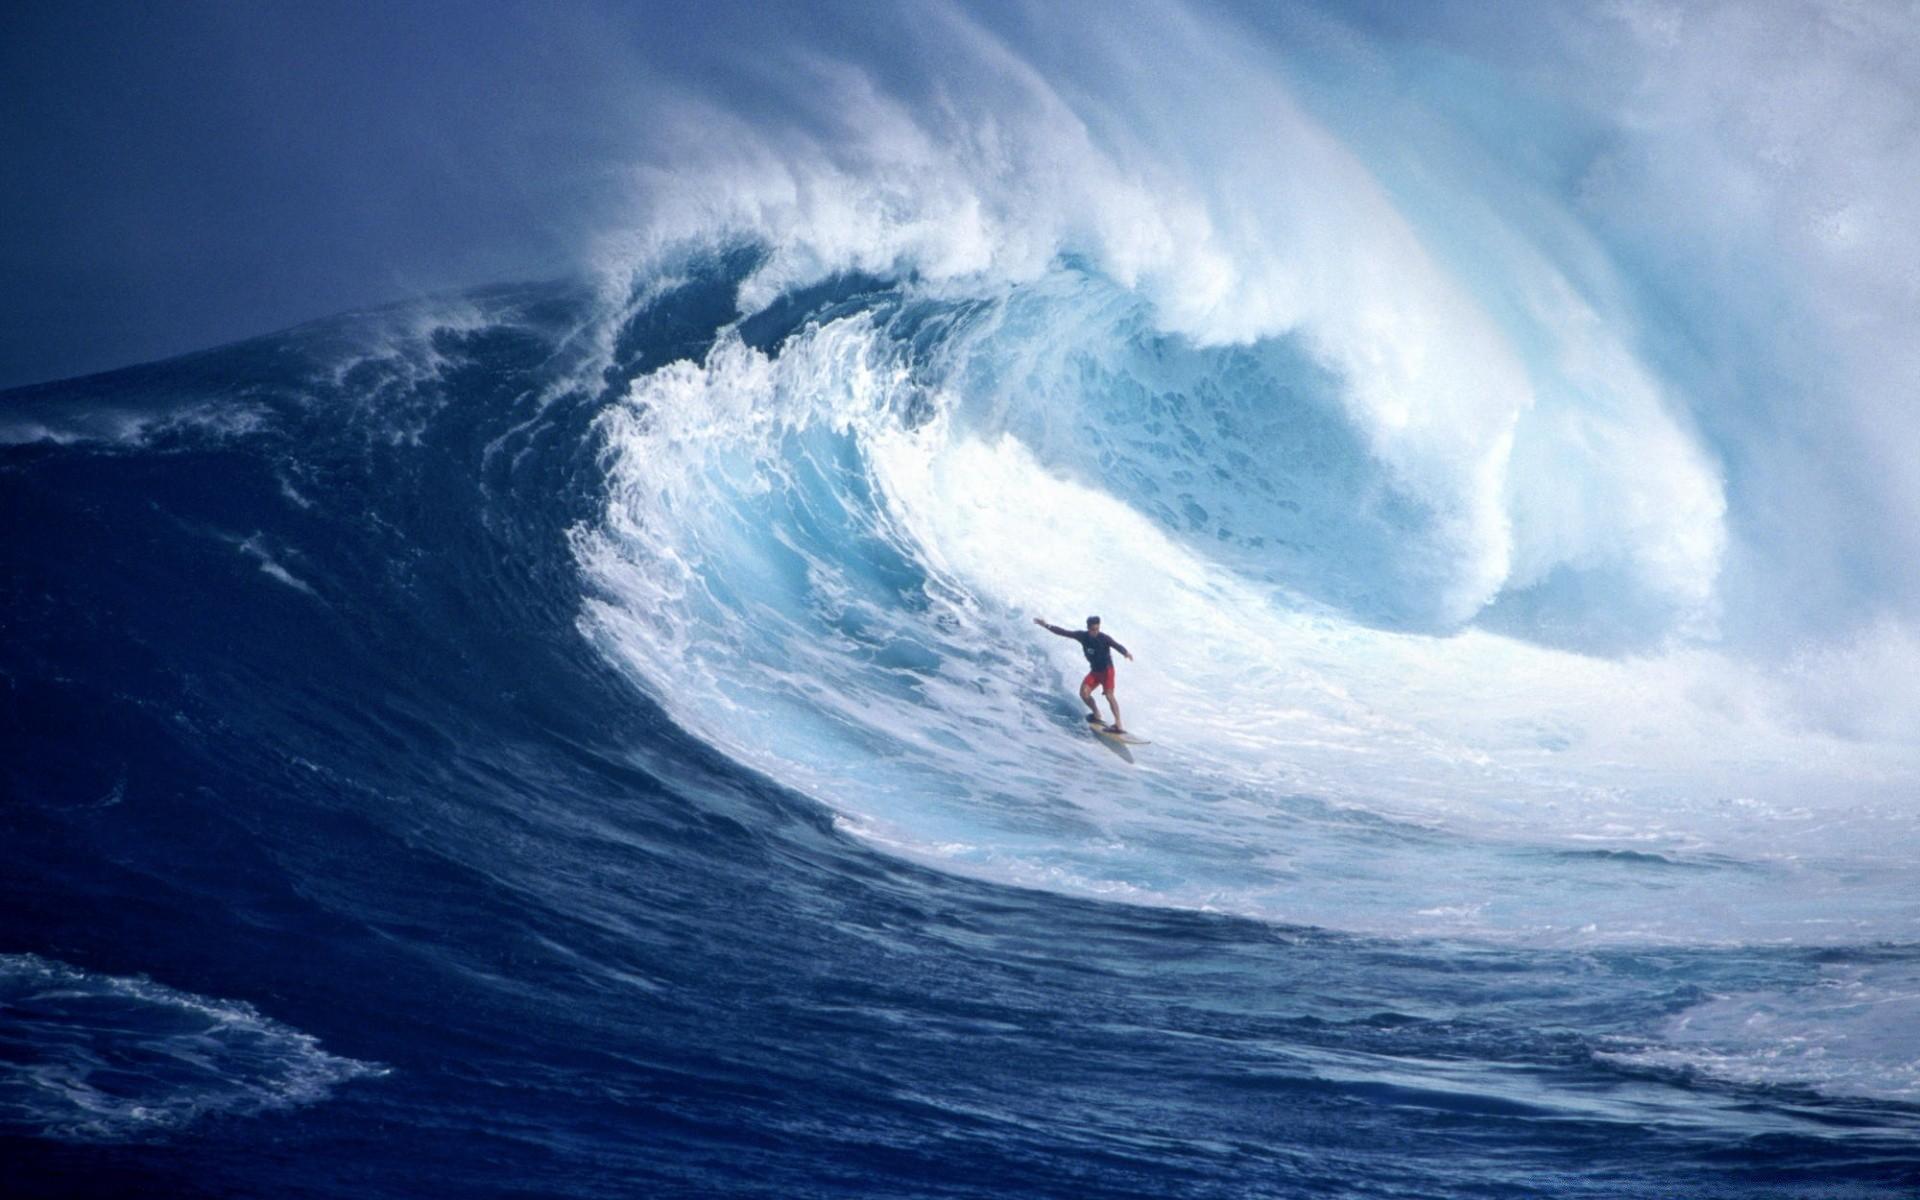 серфингист парус  № 3098937 бесплатно